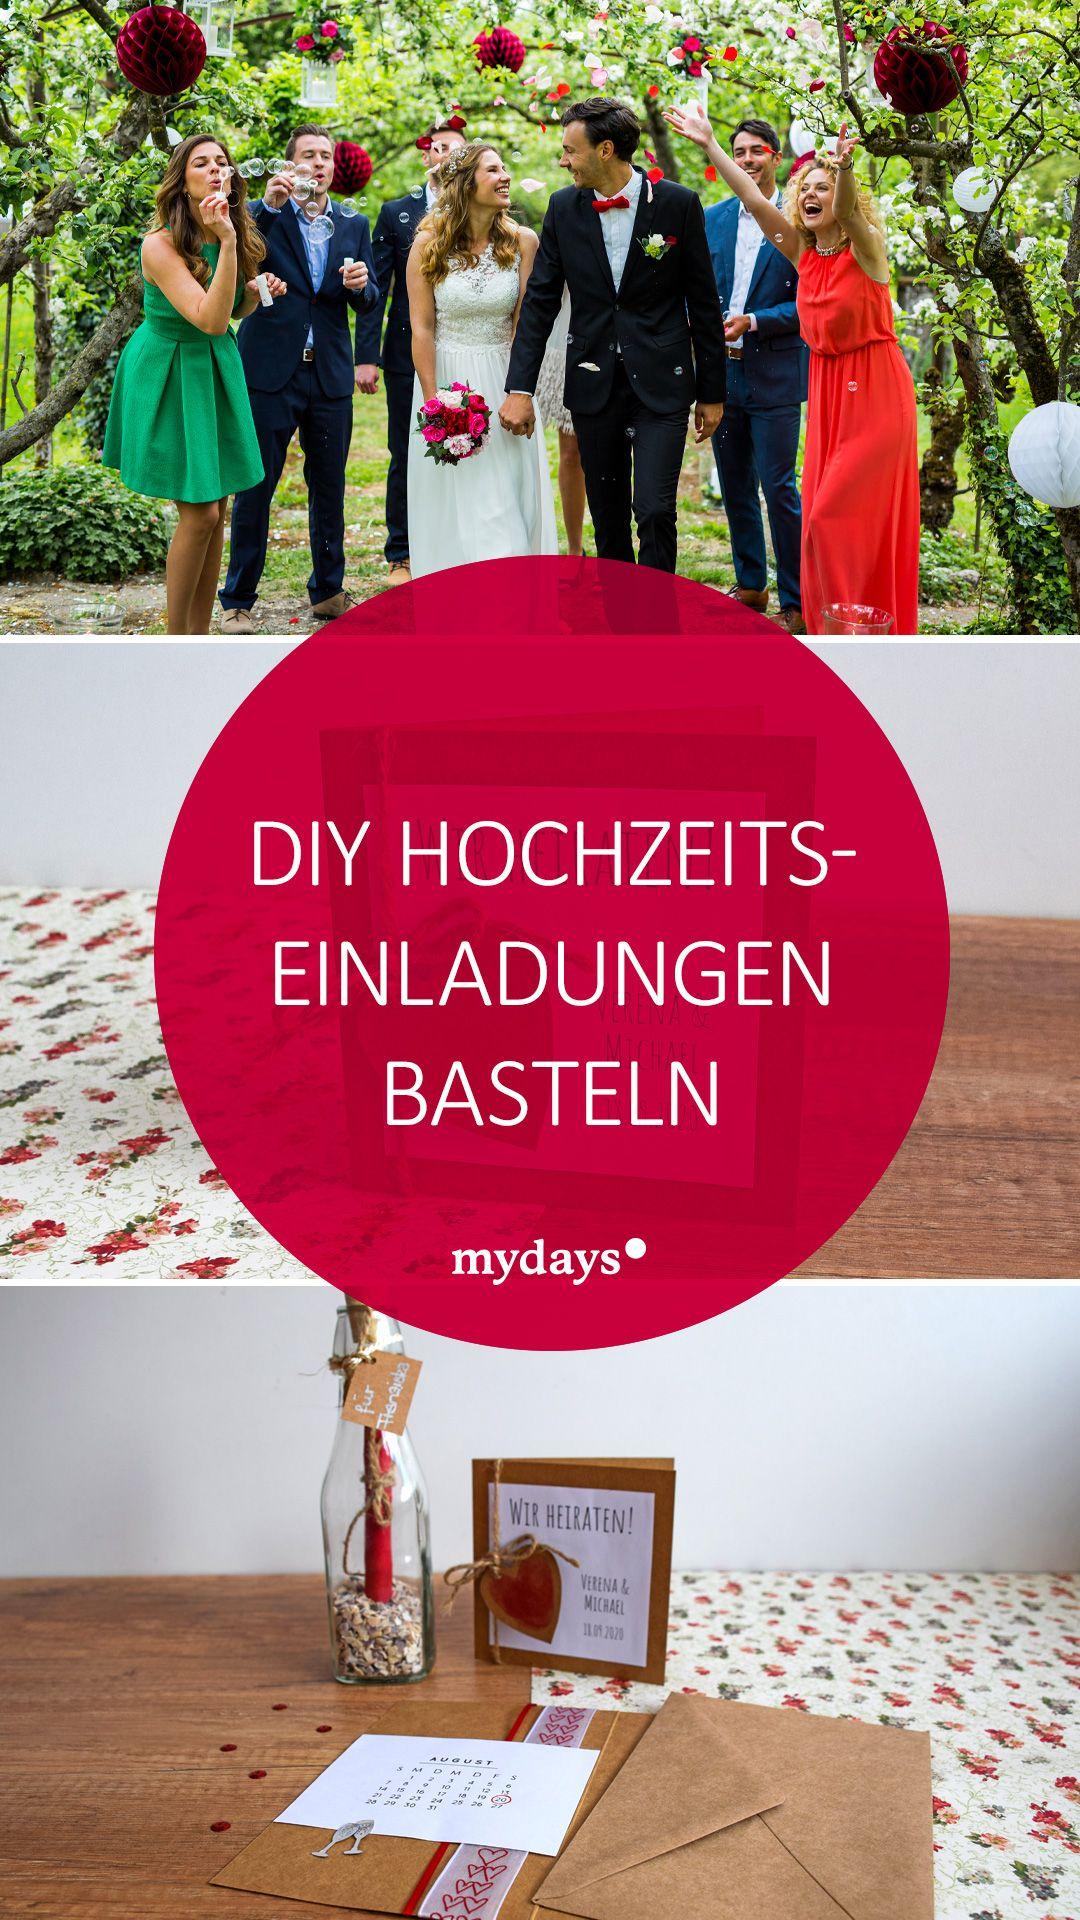 Diy Hochzeitseinladungen Basteln So Geht S Mydays Magazin Hochzeitseinladungen Basteln Hochzeitseinladung Einladungen